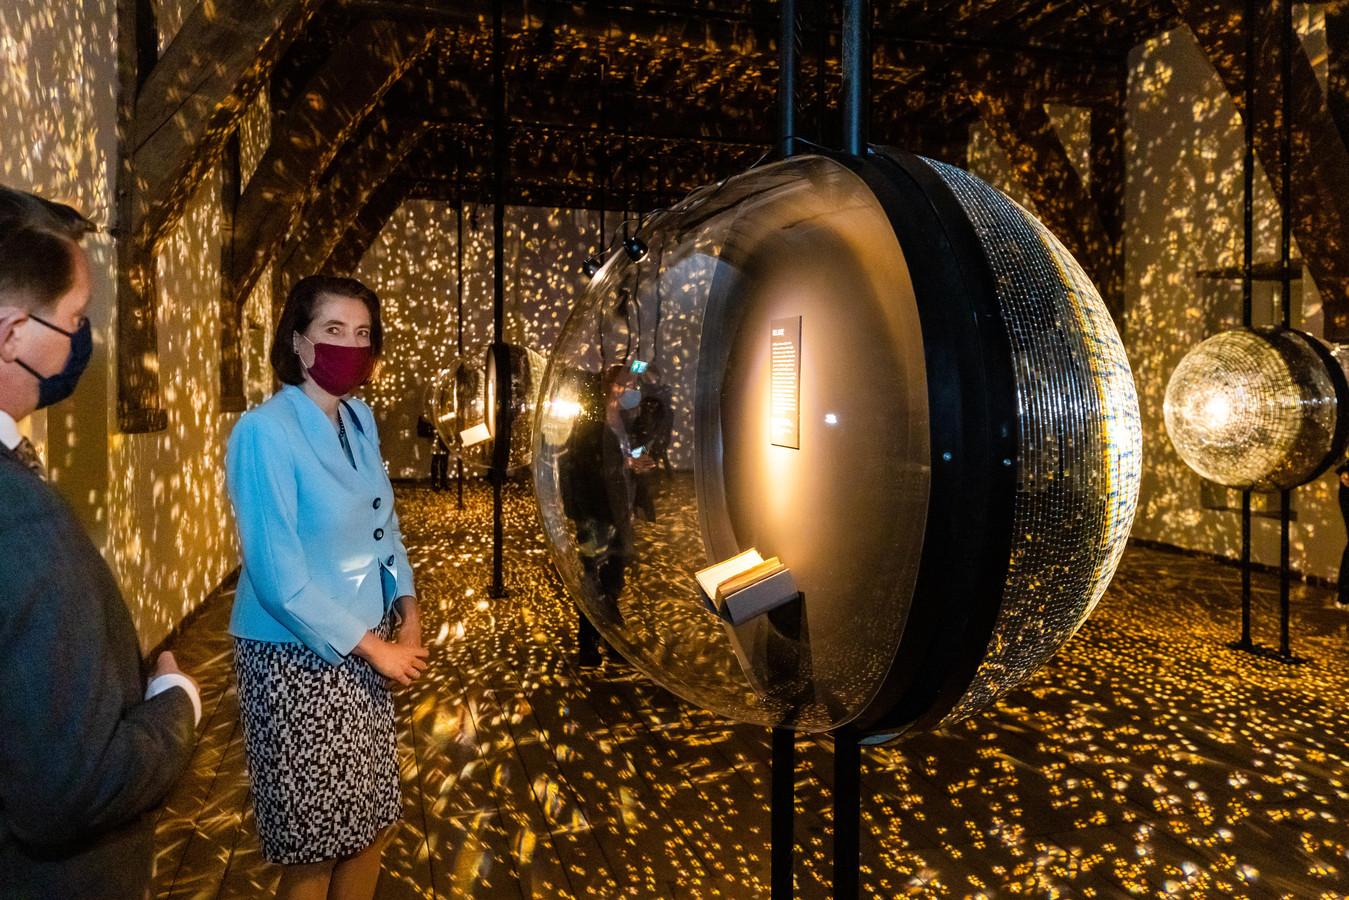 De expositie over het gedachtegoed van Hugo de Groot is een lichtspektakel.